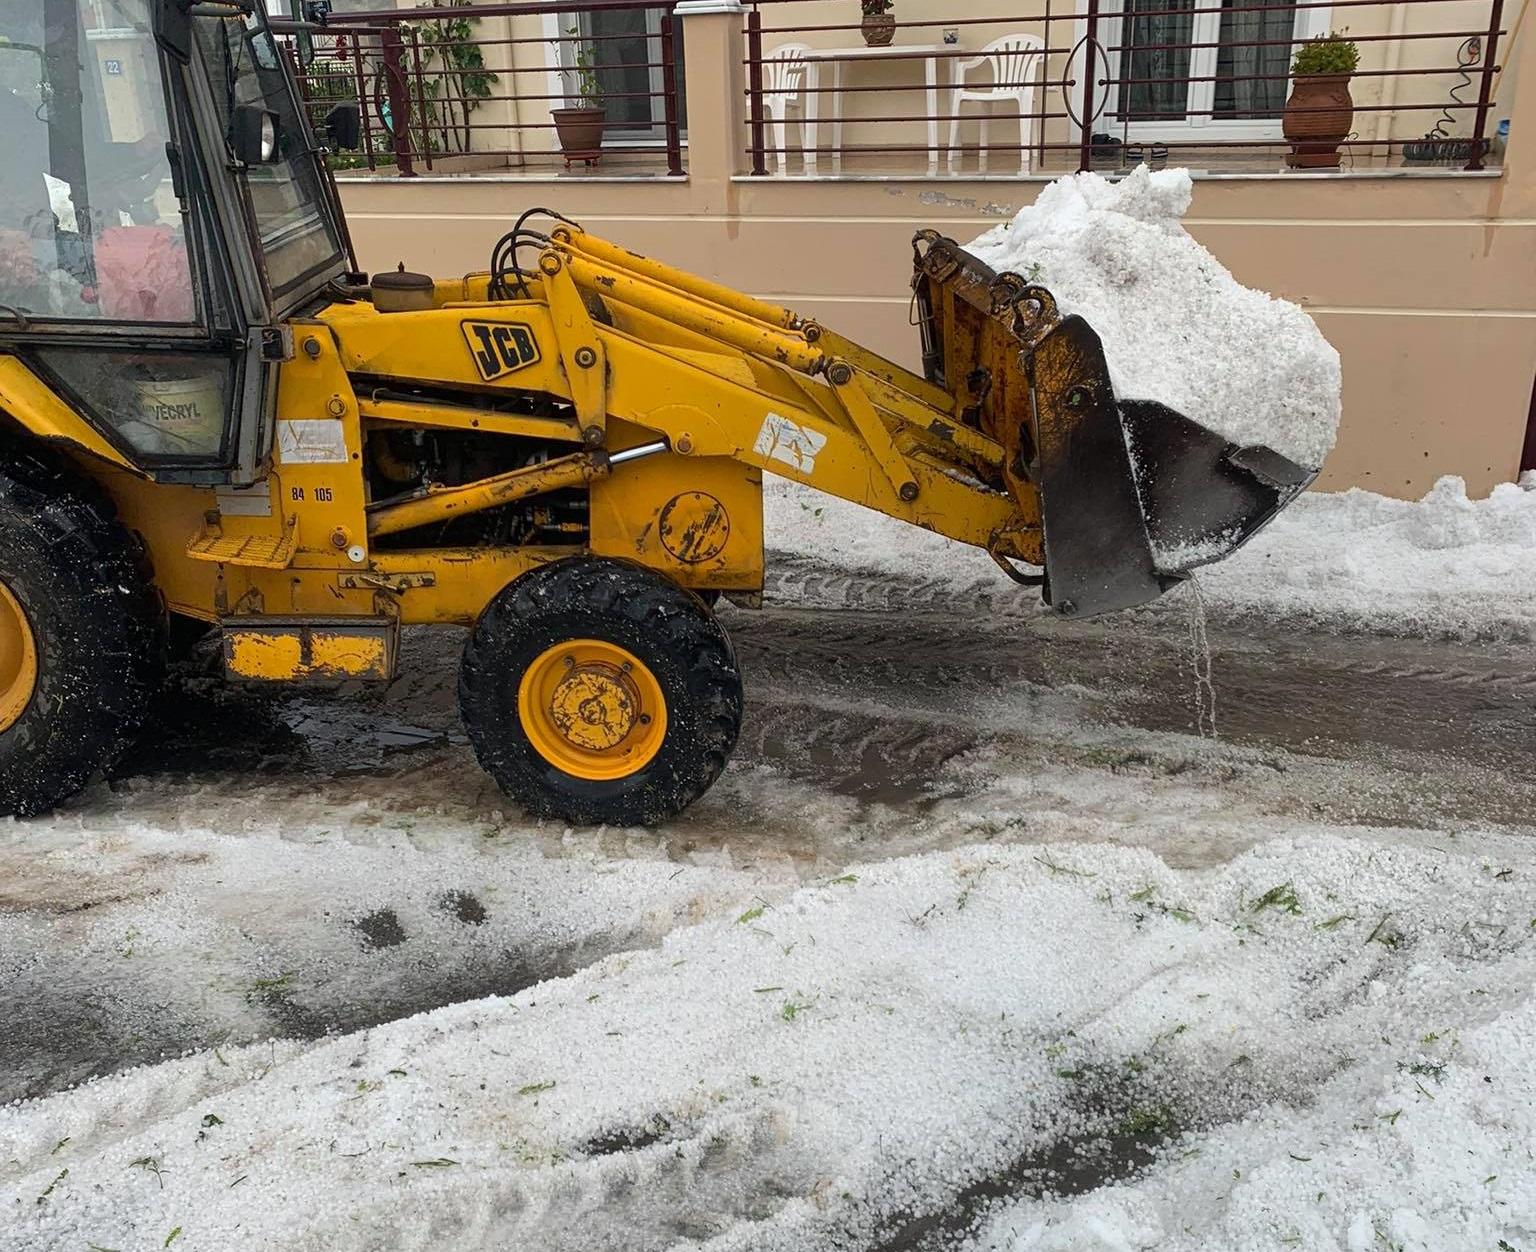 Κοζάνη: «Θάφτηκαν» ολόκληρες περιοχές – Σκαπτικό μηχάνημα απομακρύνει τις μεγάλες ποσότητες χαλαζιού